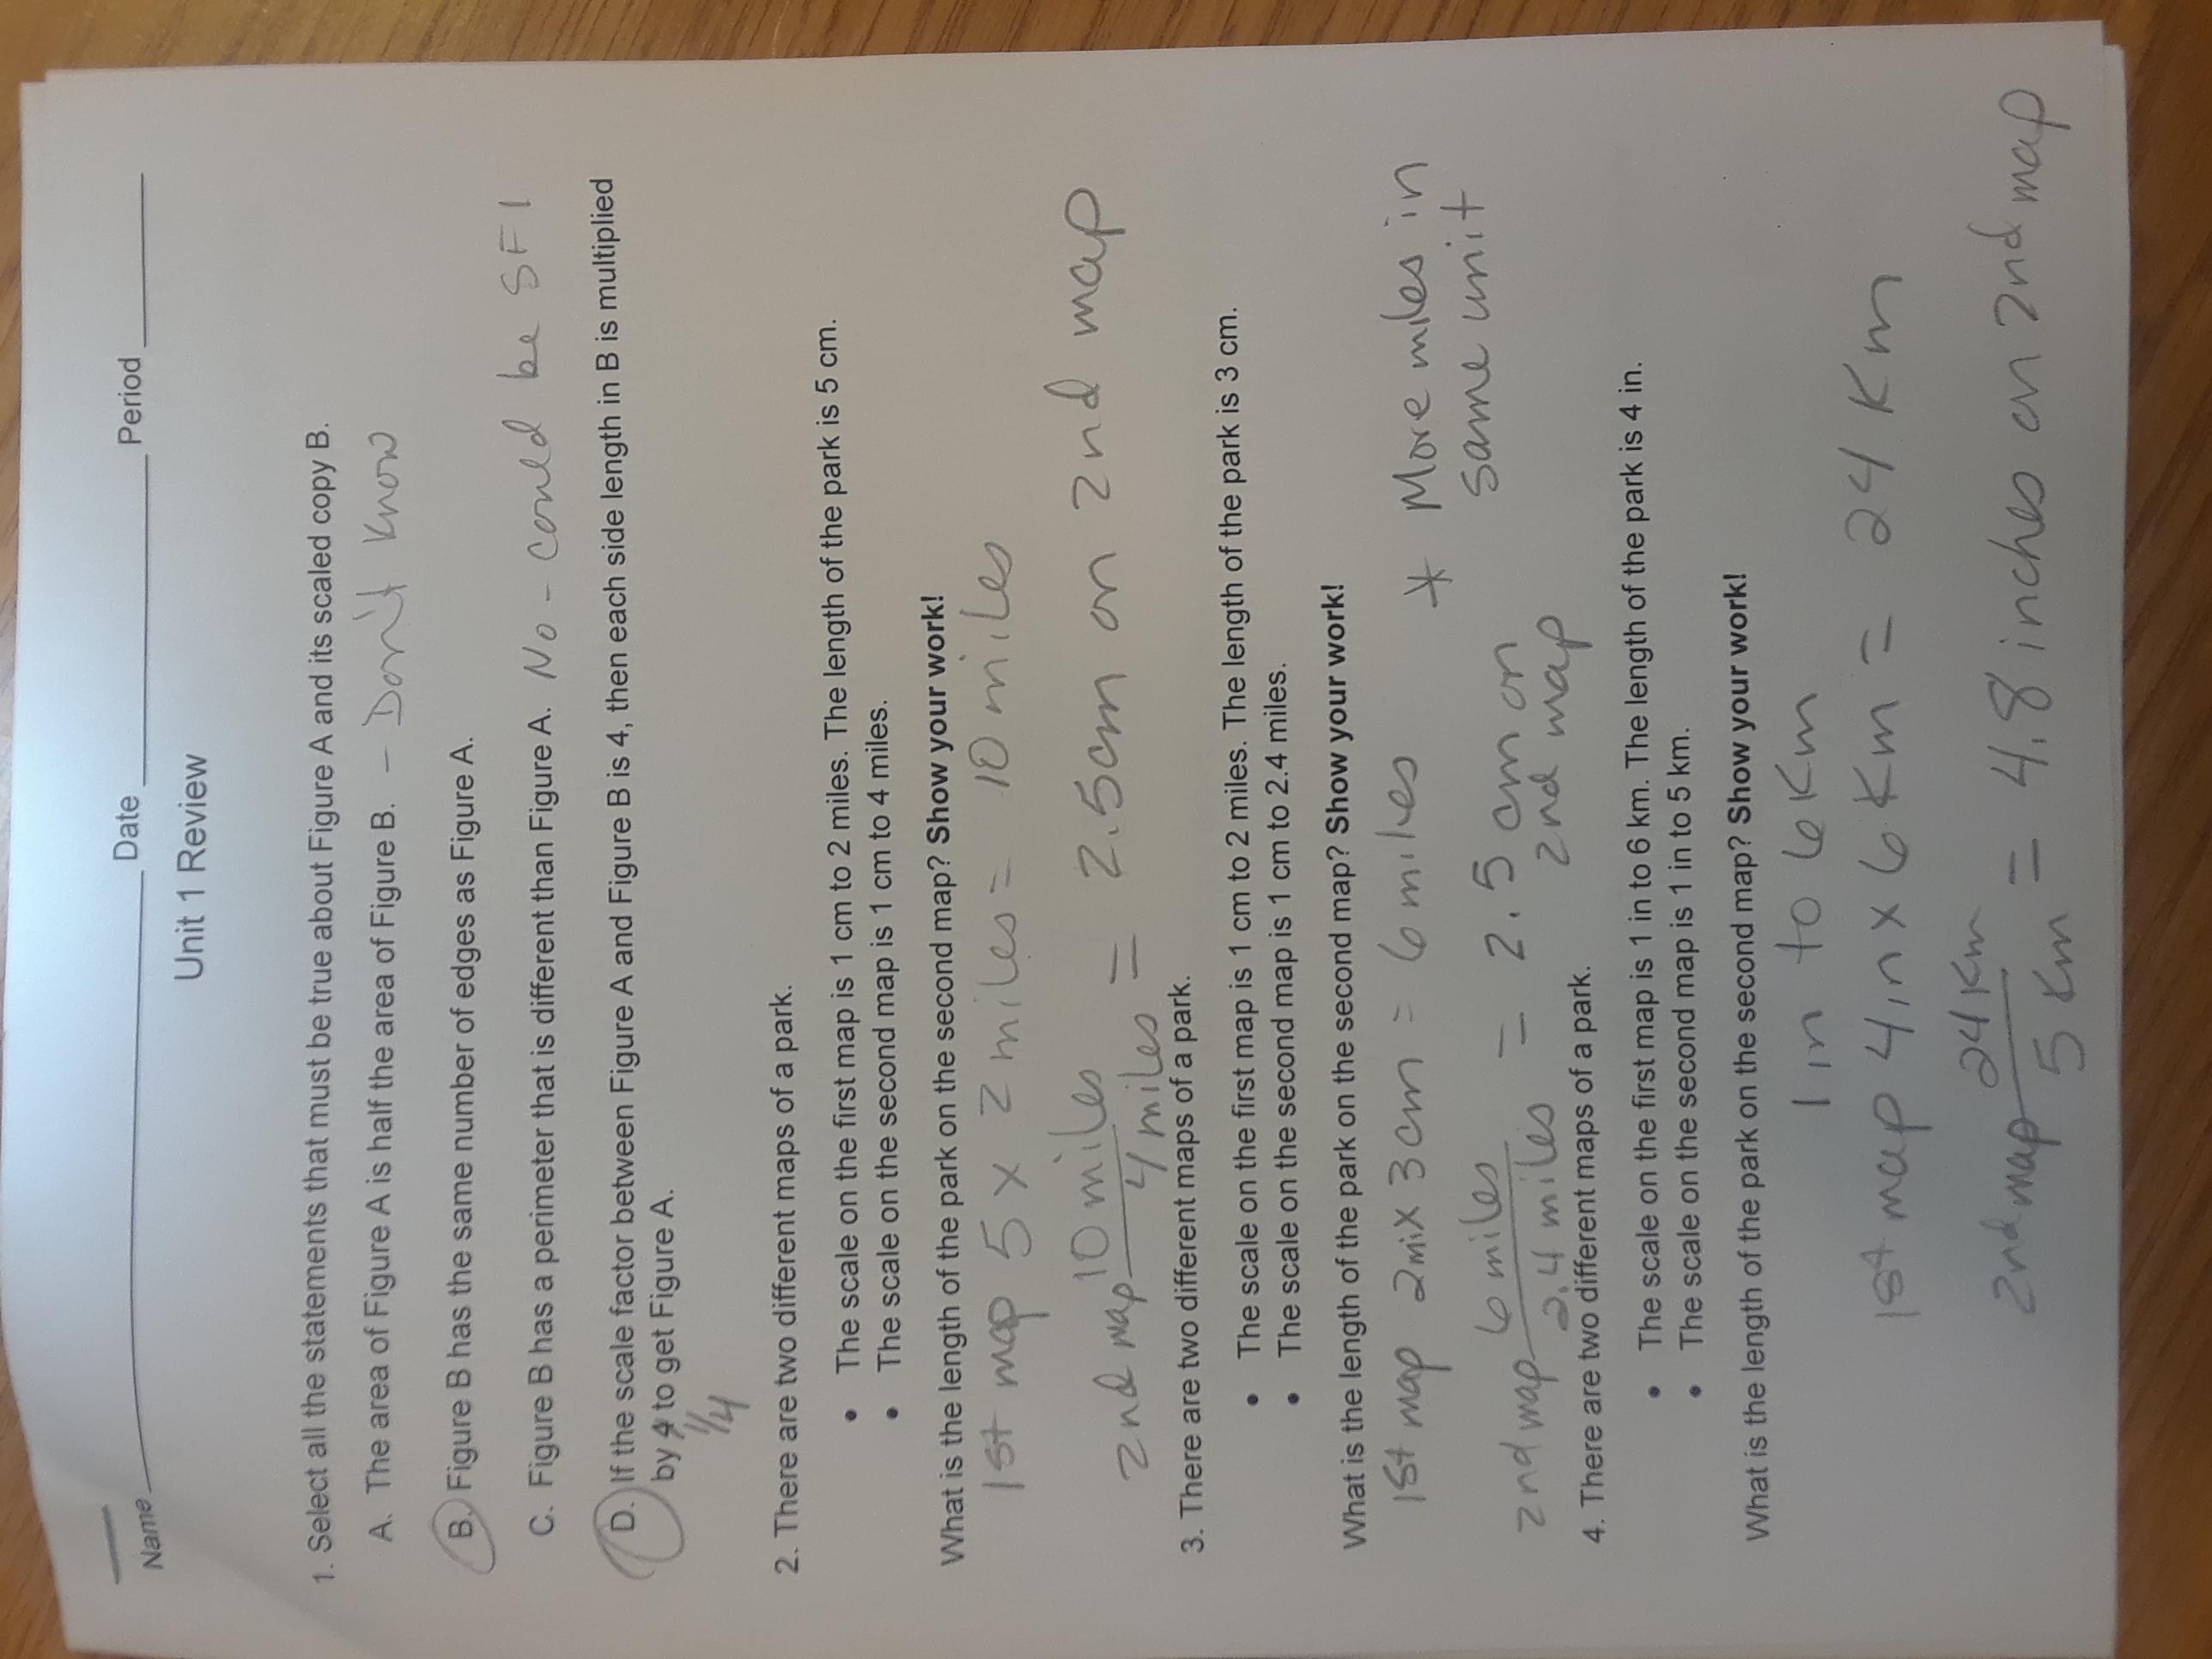 Duff Gigi Math 7 Periods 2 3 6